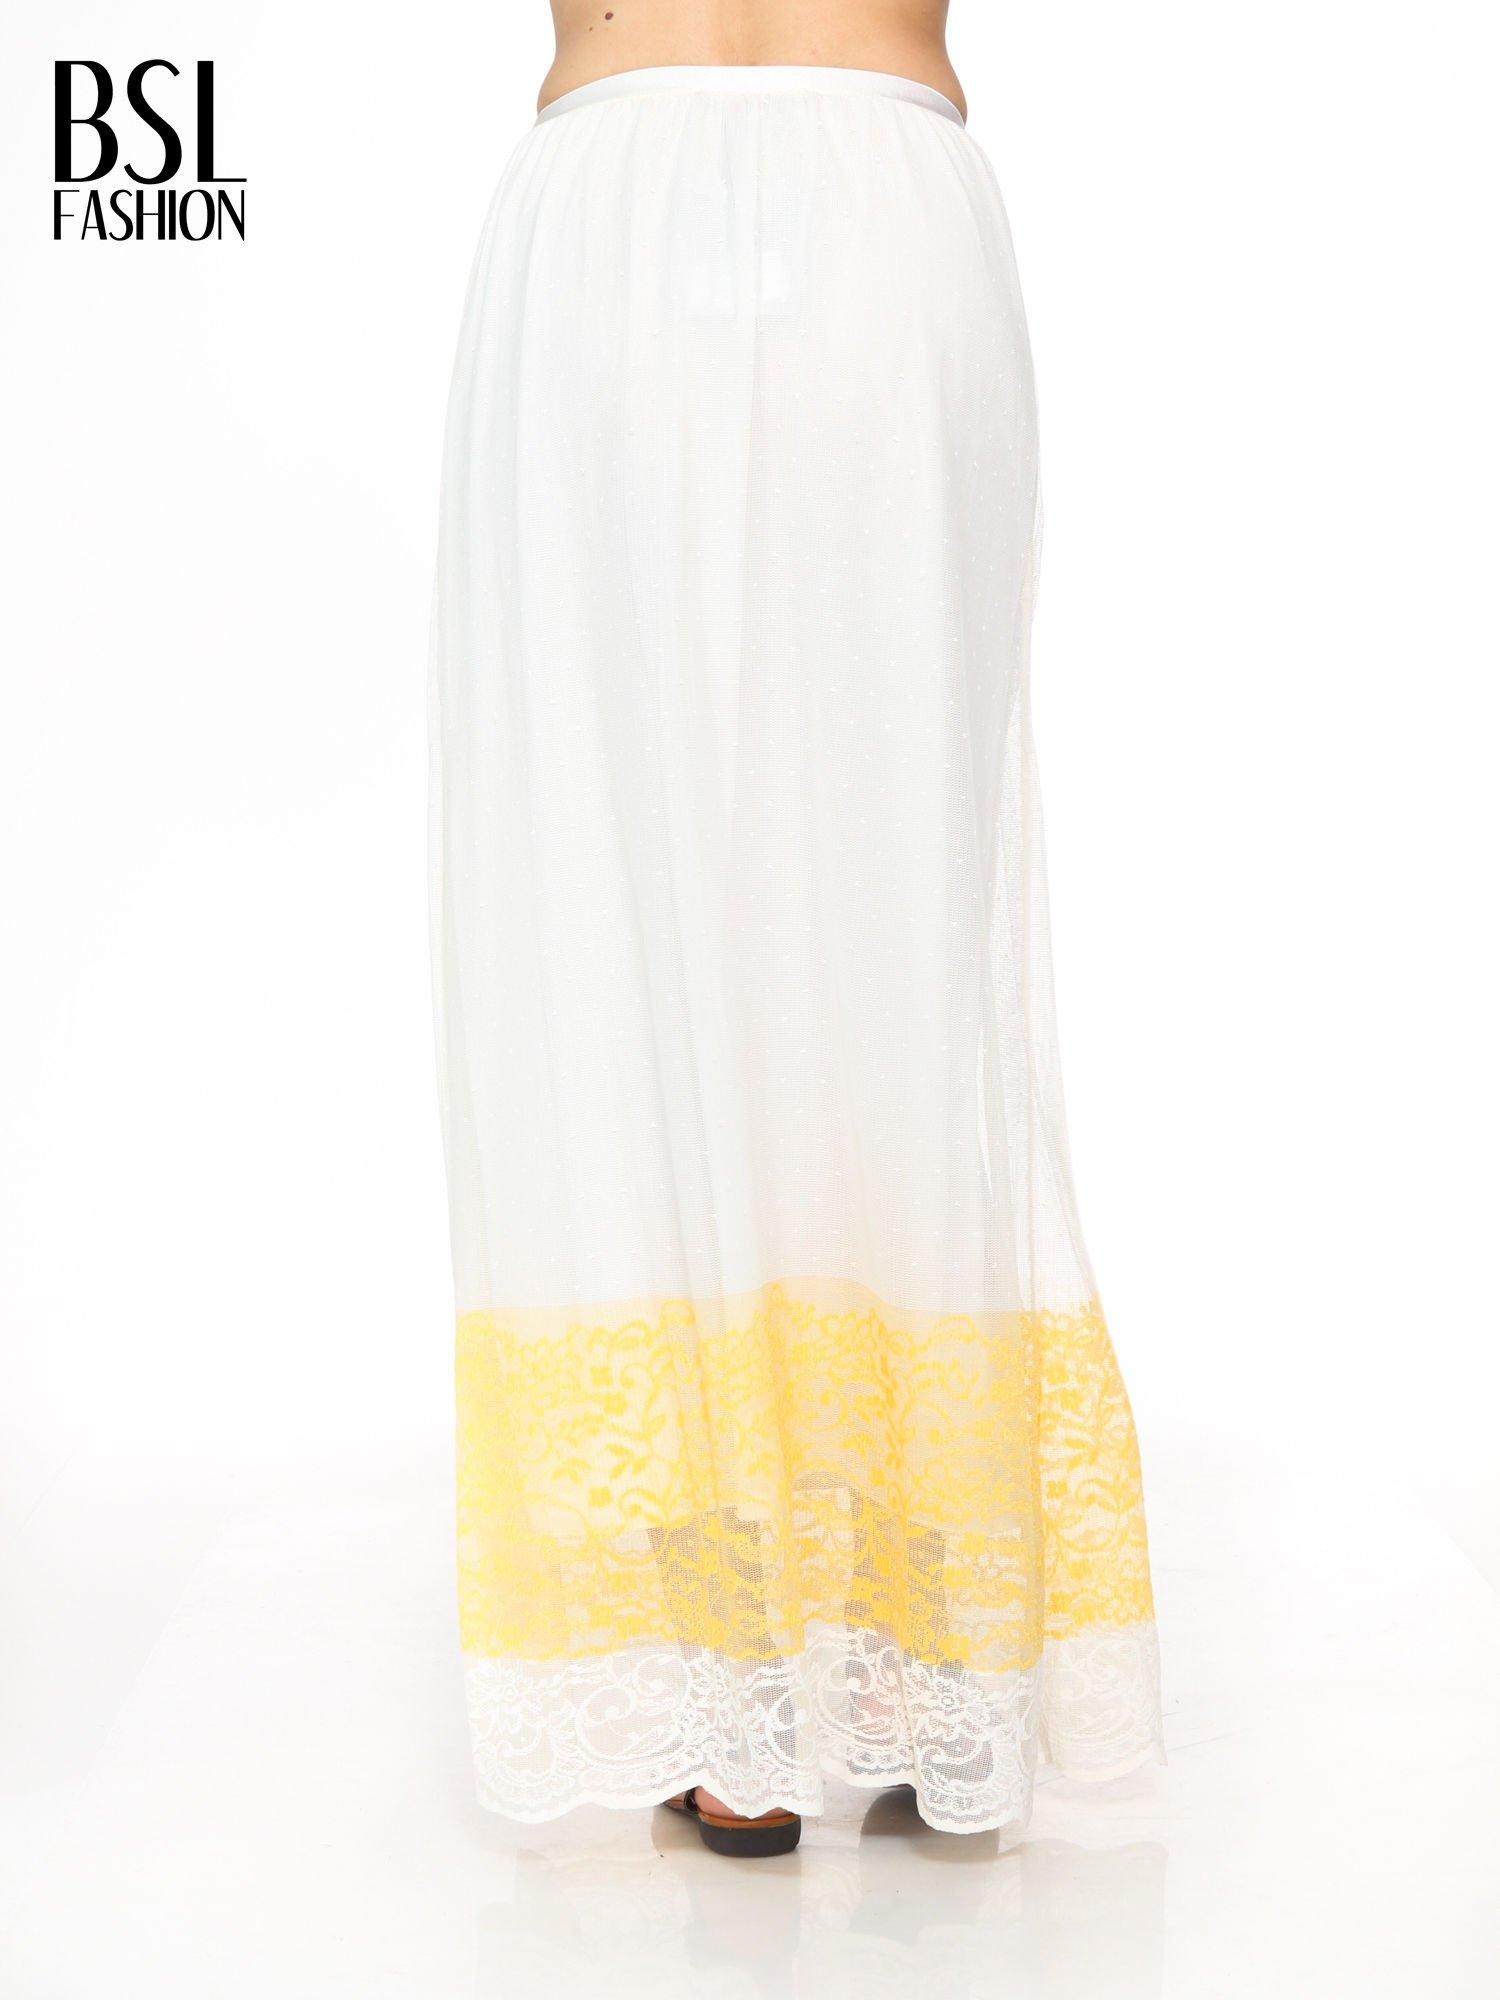 Biała ażurowa spódnica z żółtym pasem                                  zdj.                                  4